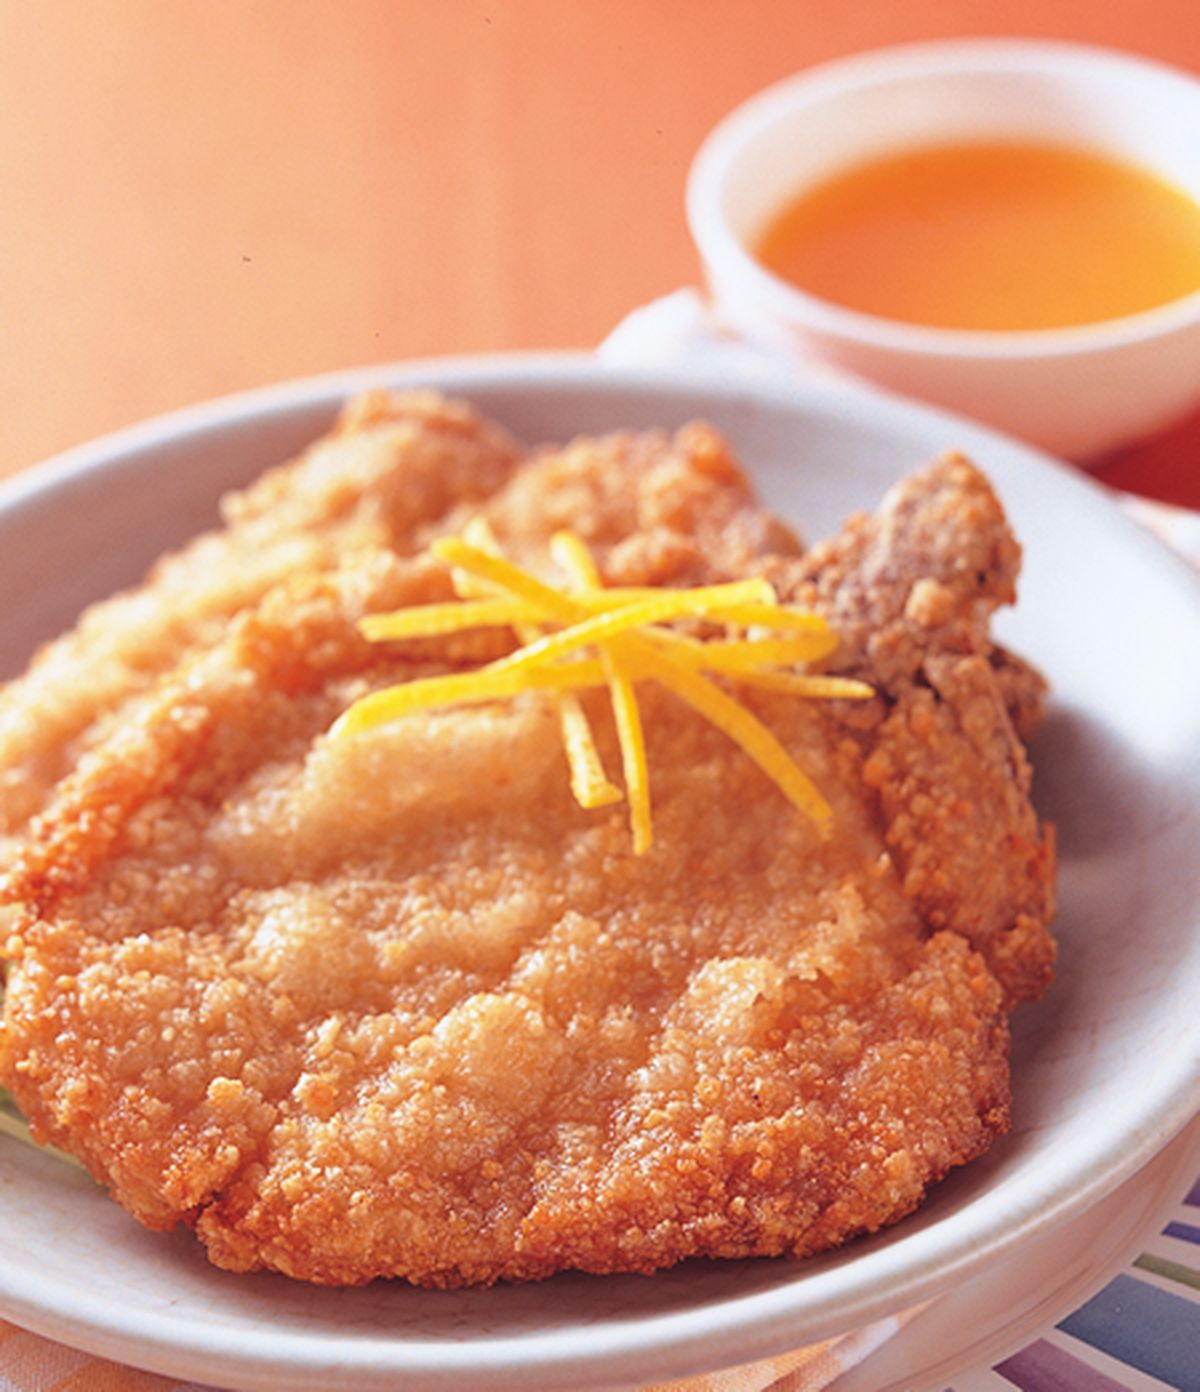 食譜:橙汁排骨